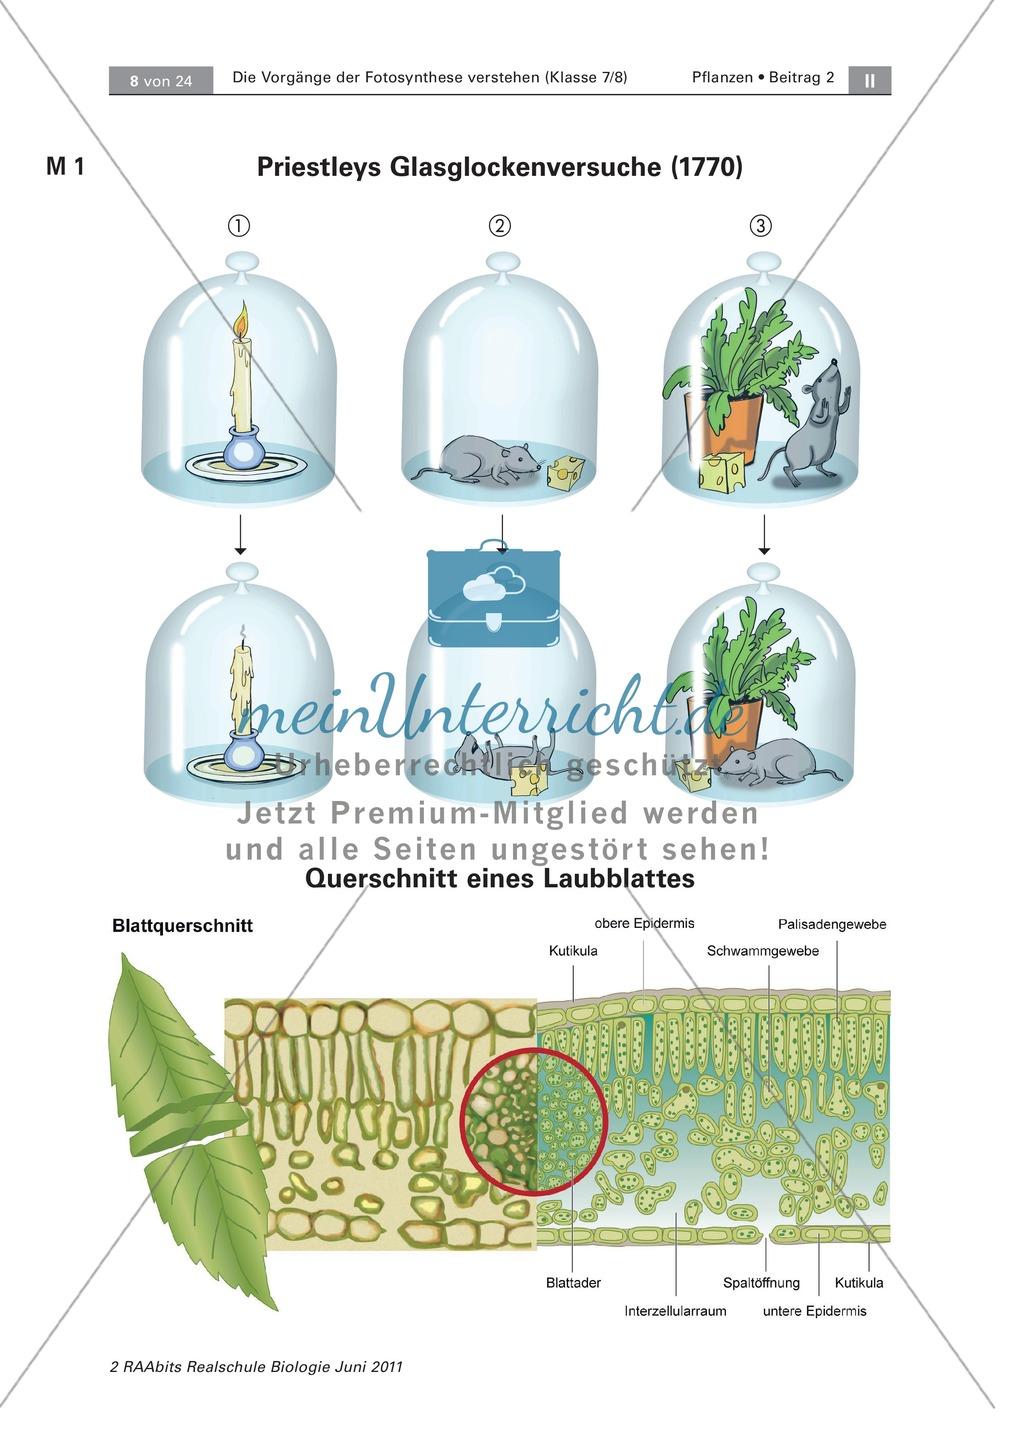 die vorg nge der fotosynthese querschnitt eines laubblattes versuche mit der wasserpest. Black Bedroom Furniture Sets. Home Design Ideas